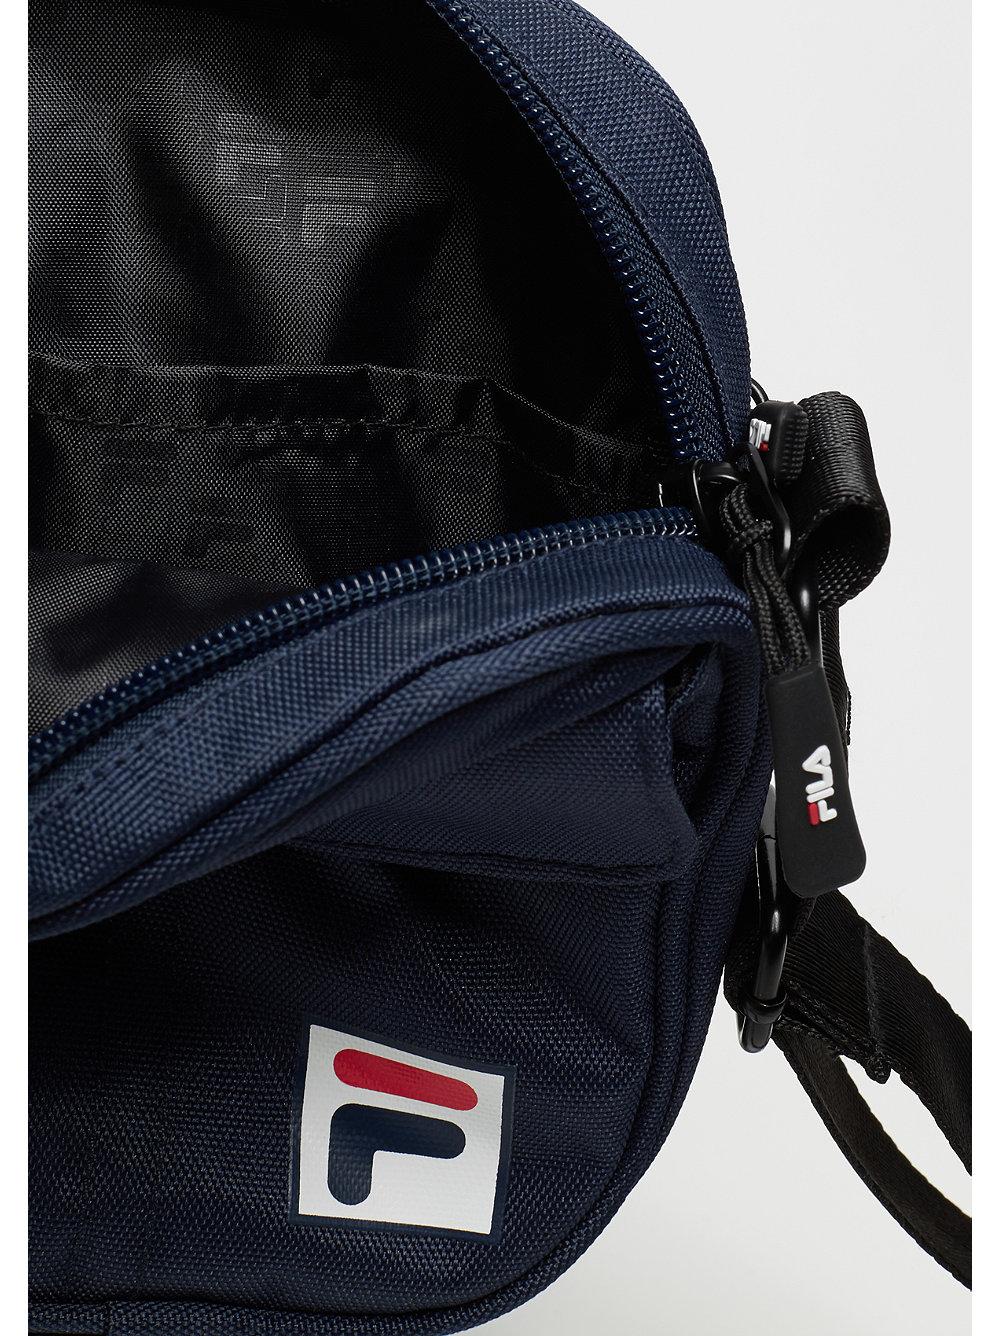 02dda61646 Borsello Fila Urban Line Pusher Bag Milan in black iris su SNIPES